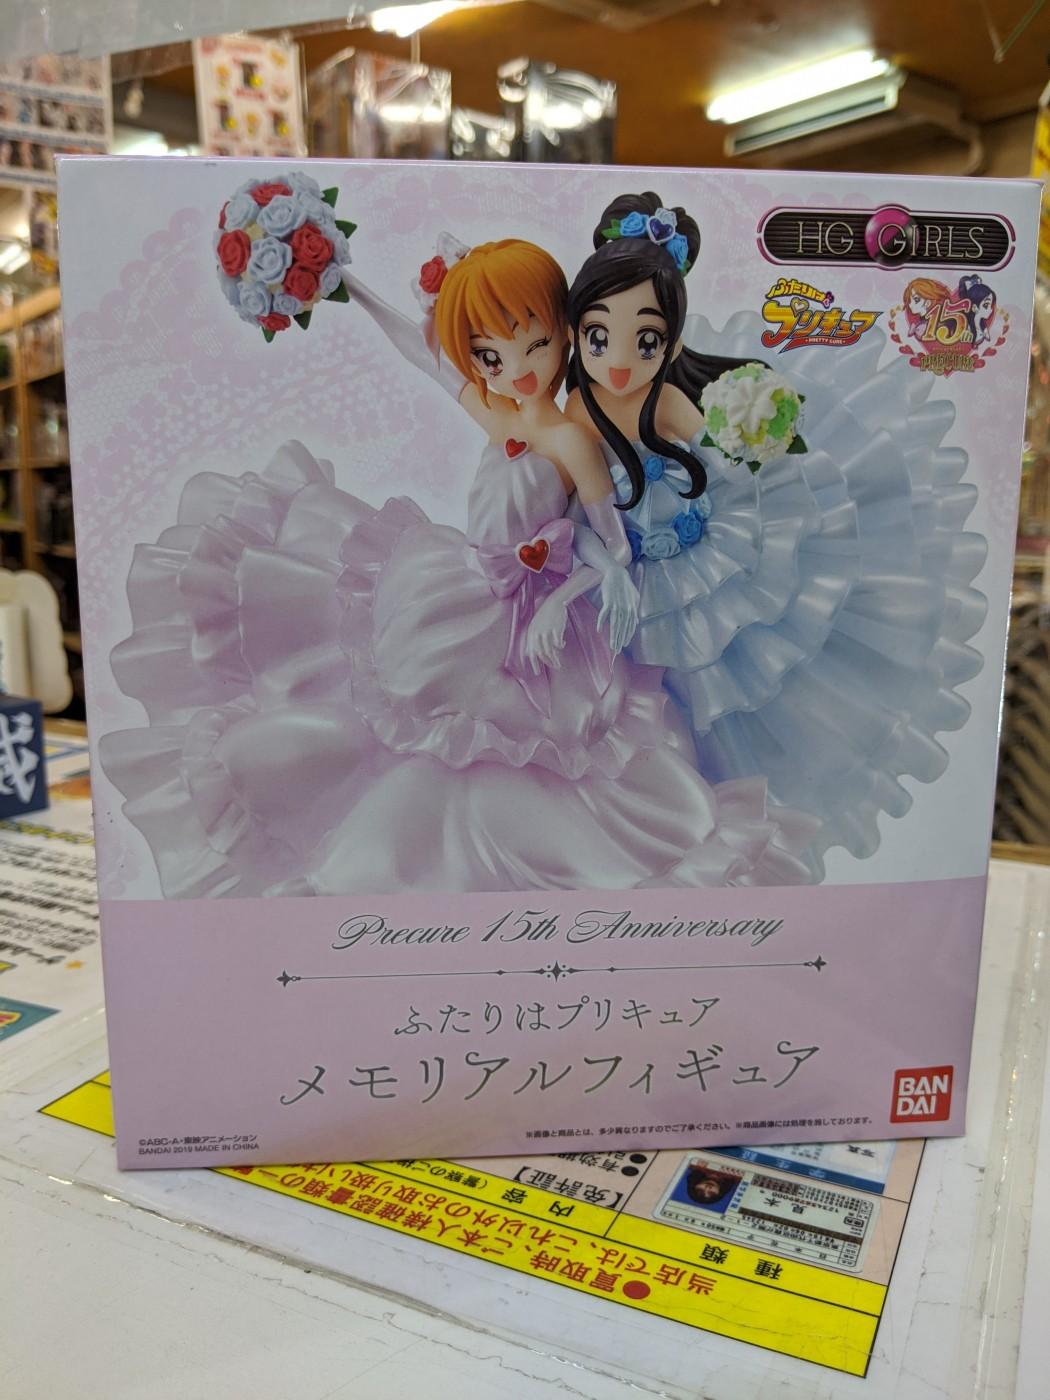 ゼスト横浜戸塚店の買取情報『バンダイのHG Girls ふたりはプリキュアメモリアルフィギュア』